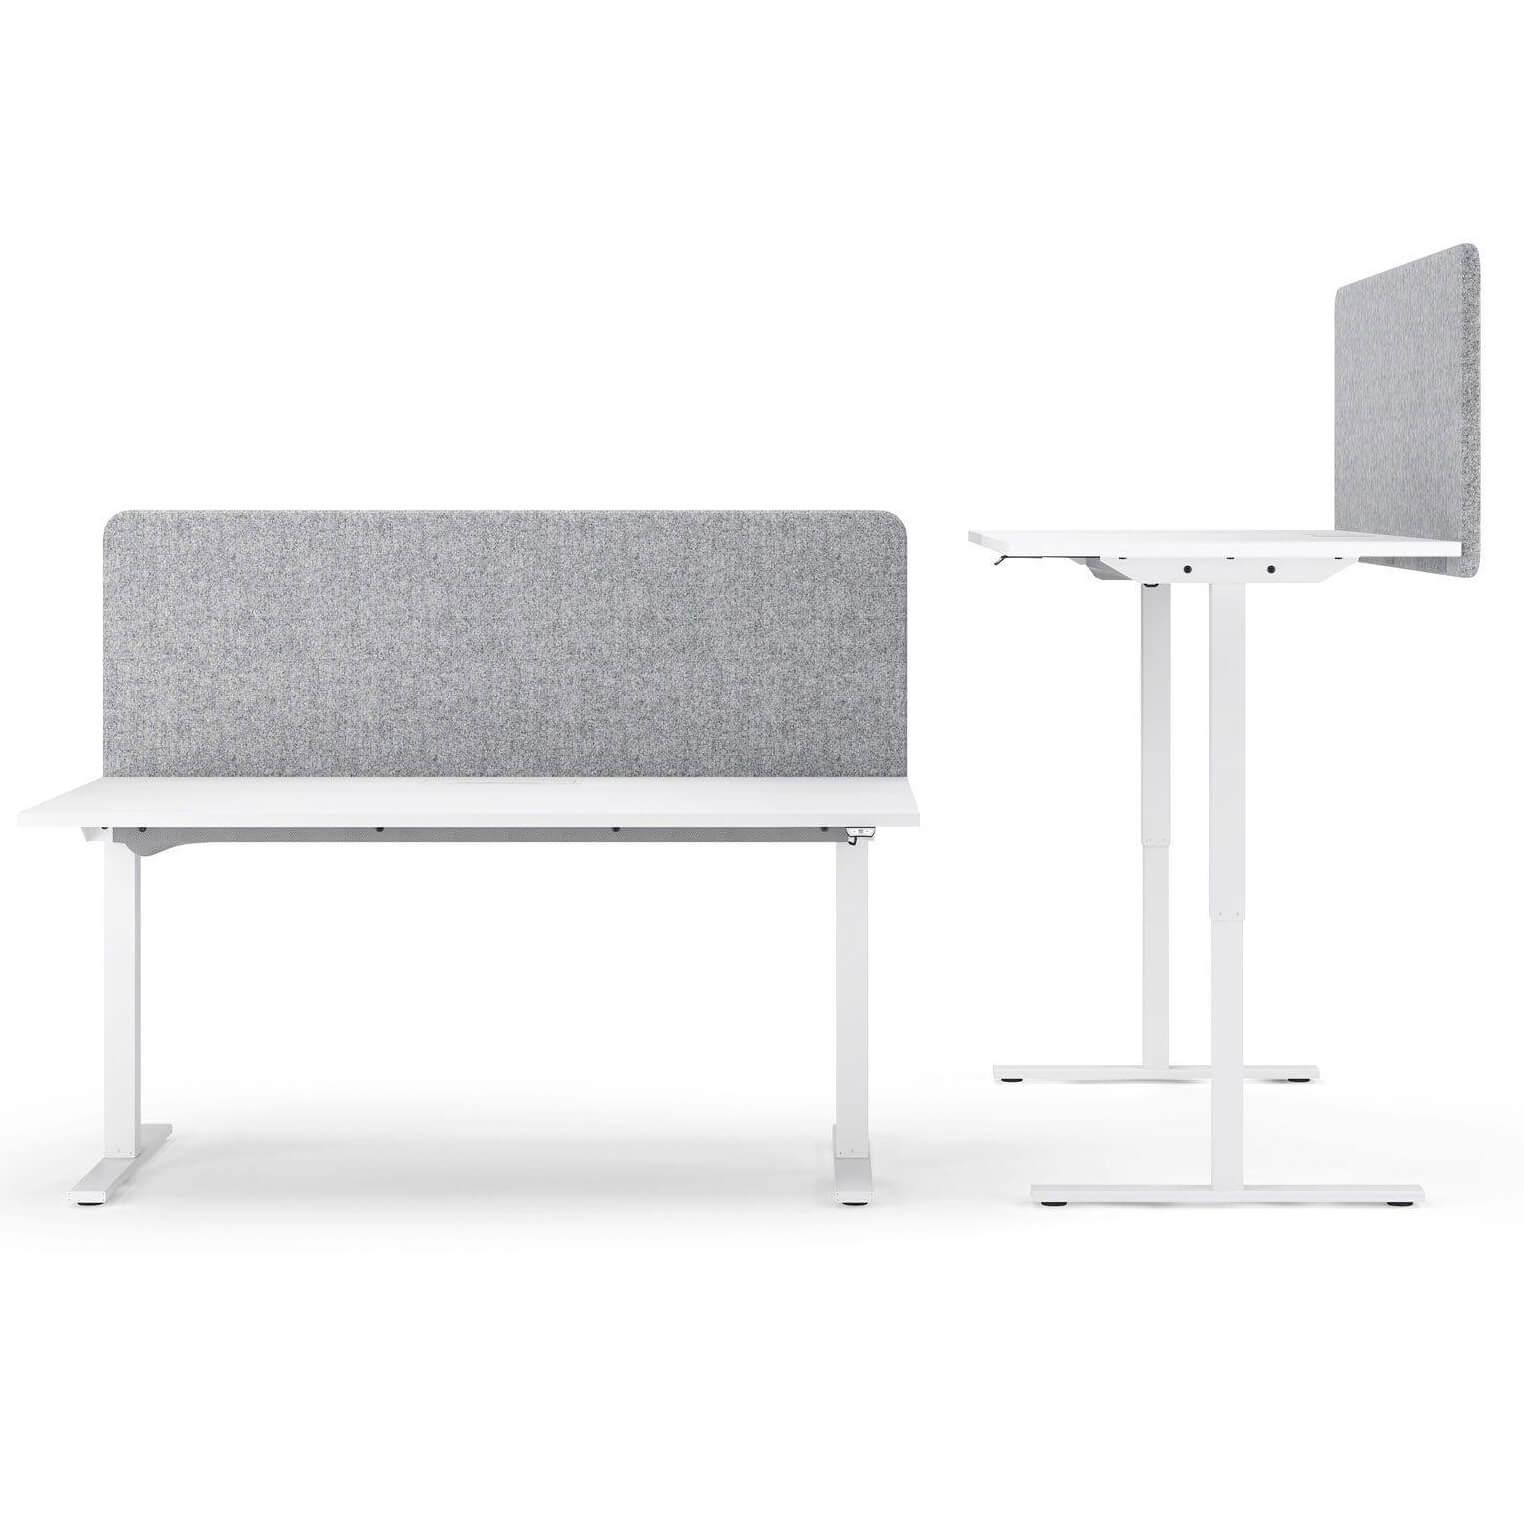 Akustik Tischtrennwand Sichtschutz Lärmschutz Schallabsorbierend Raumteiler TOP